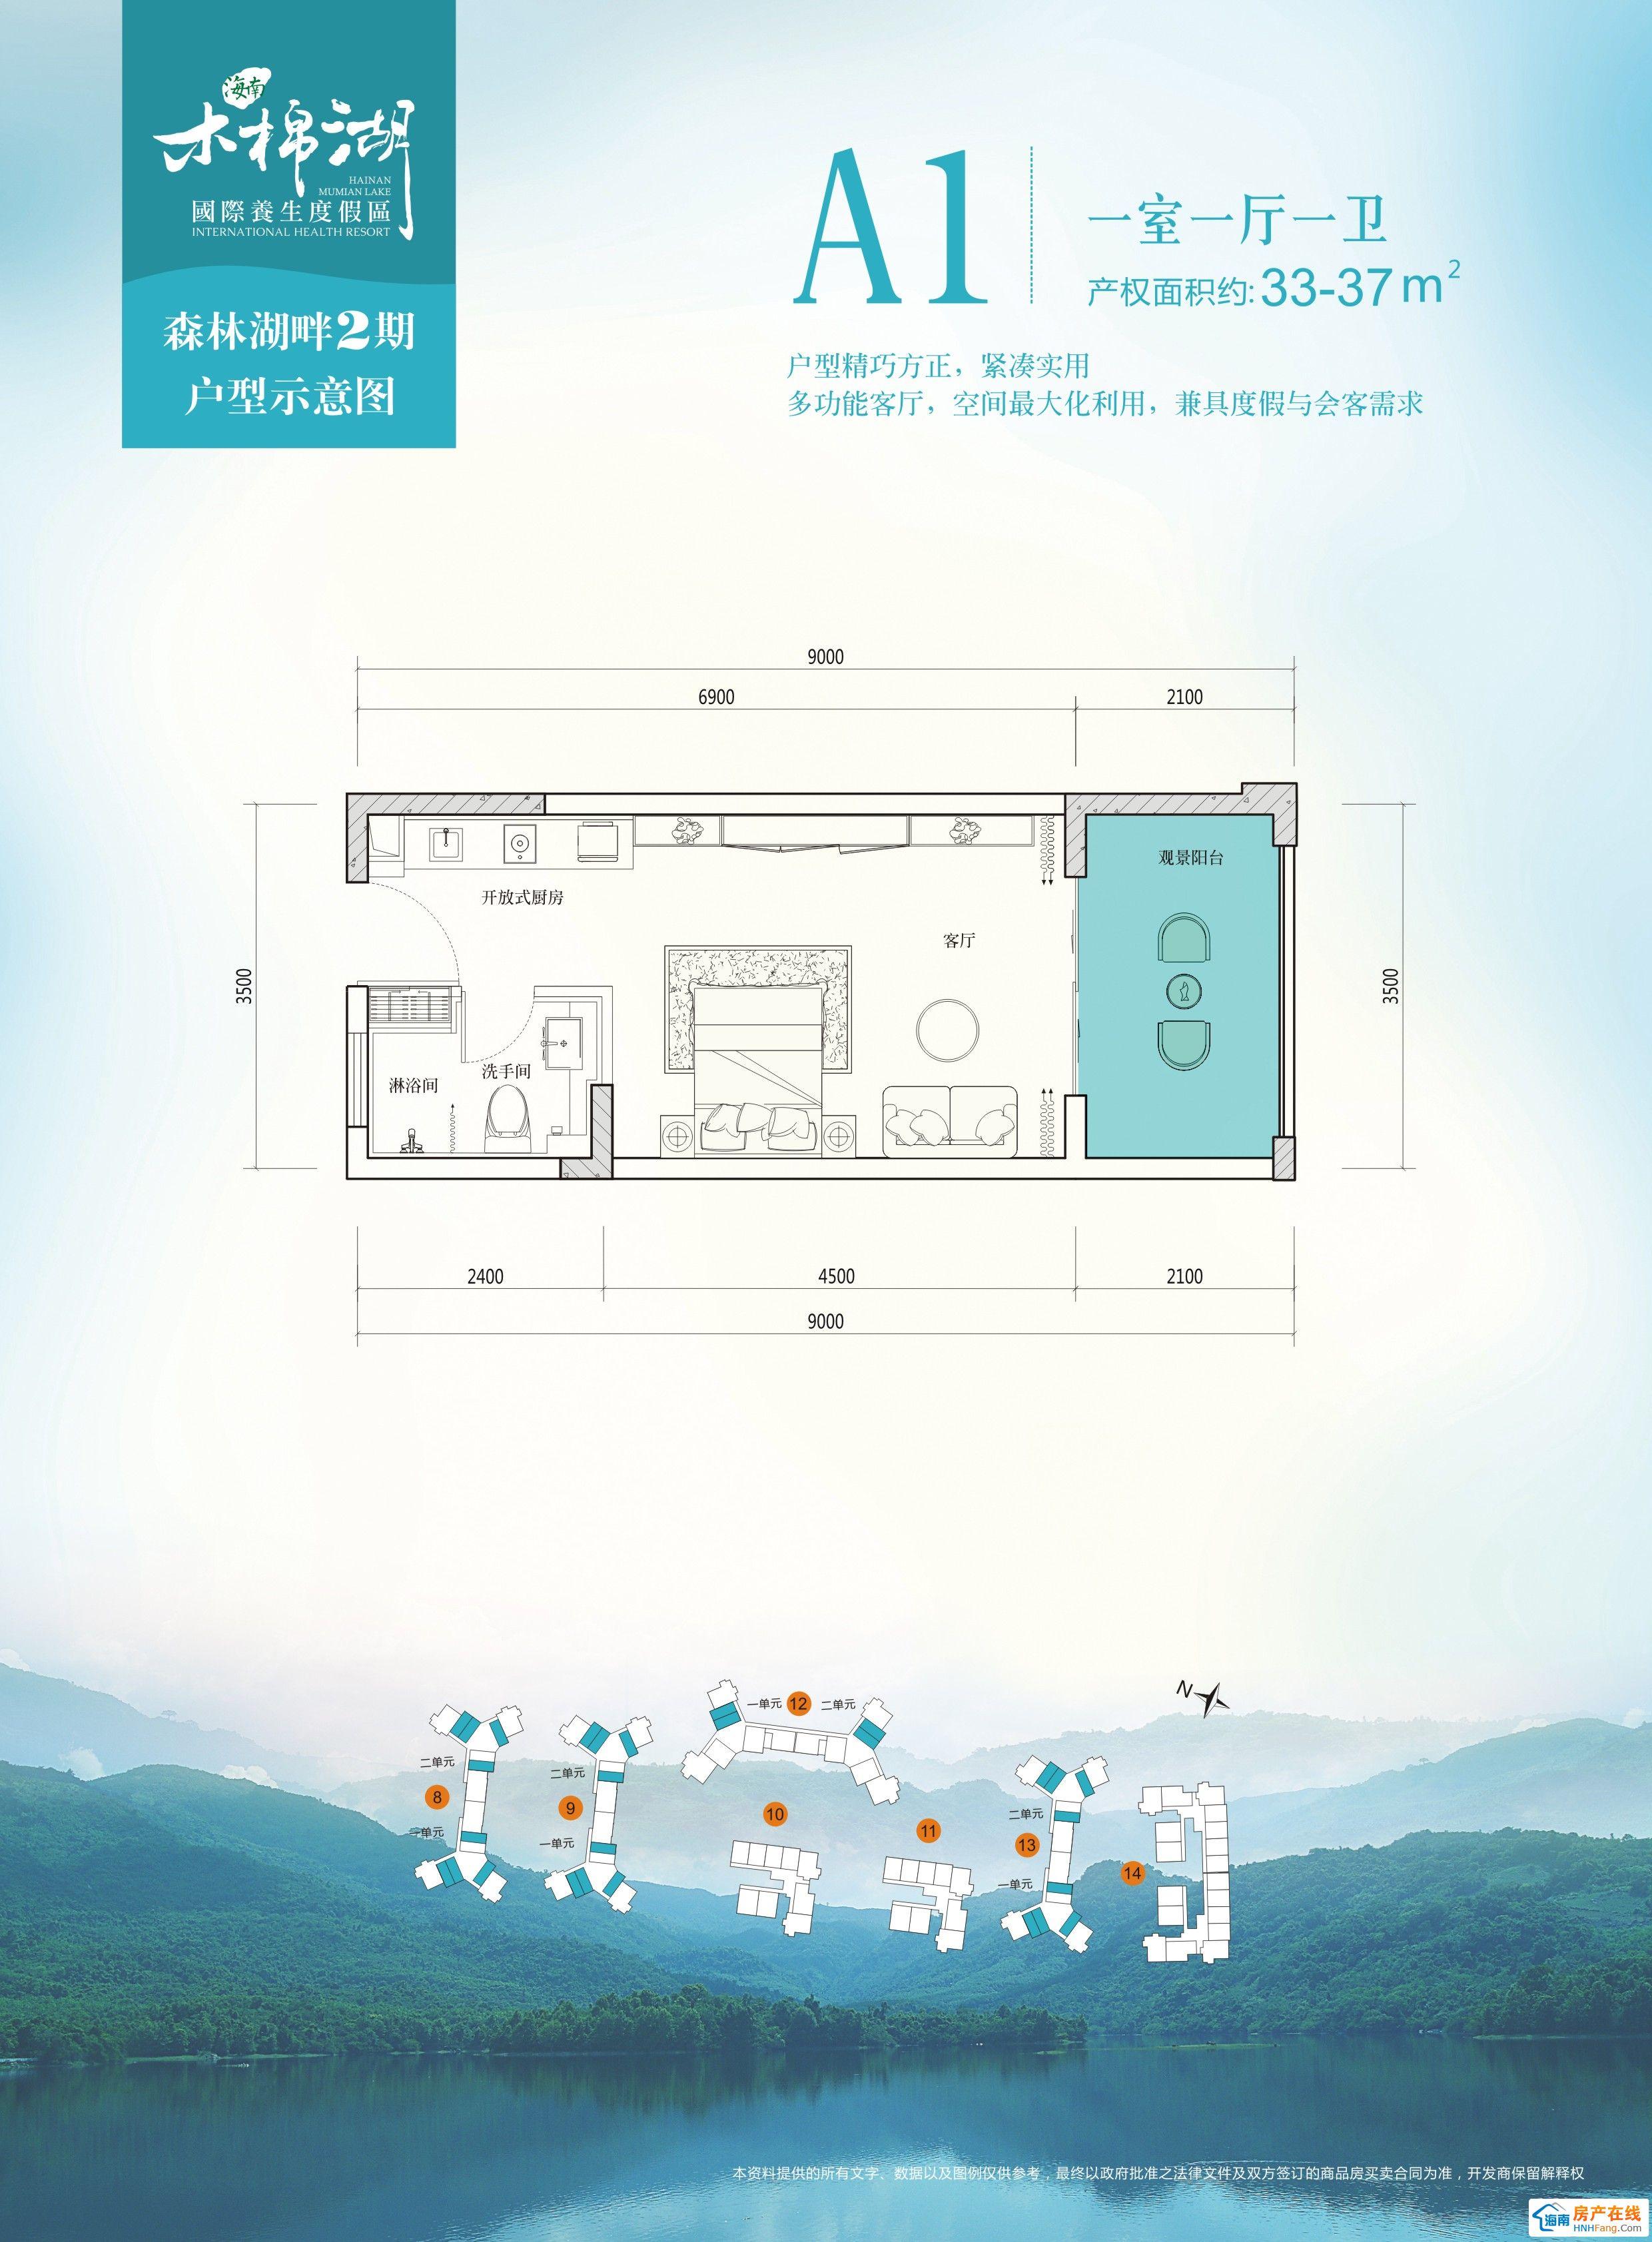 A1 一室一厅一卫 产权面积约:33-37m2